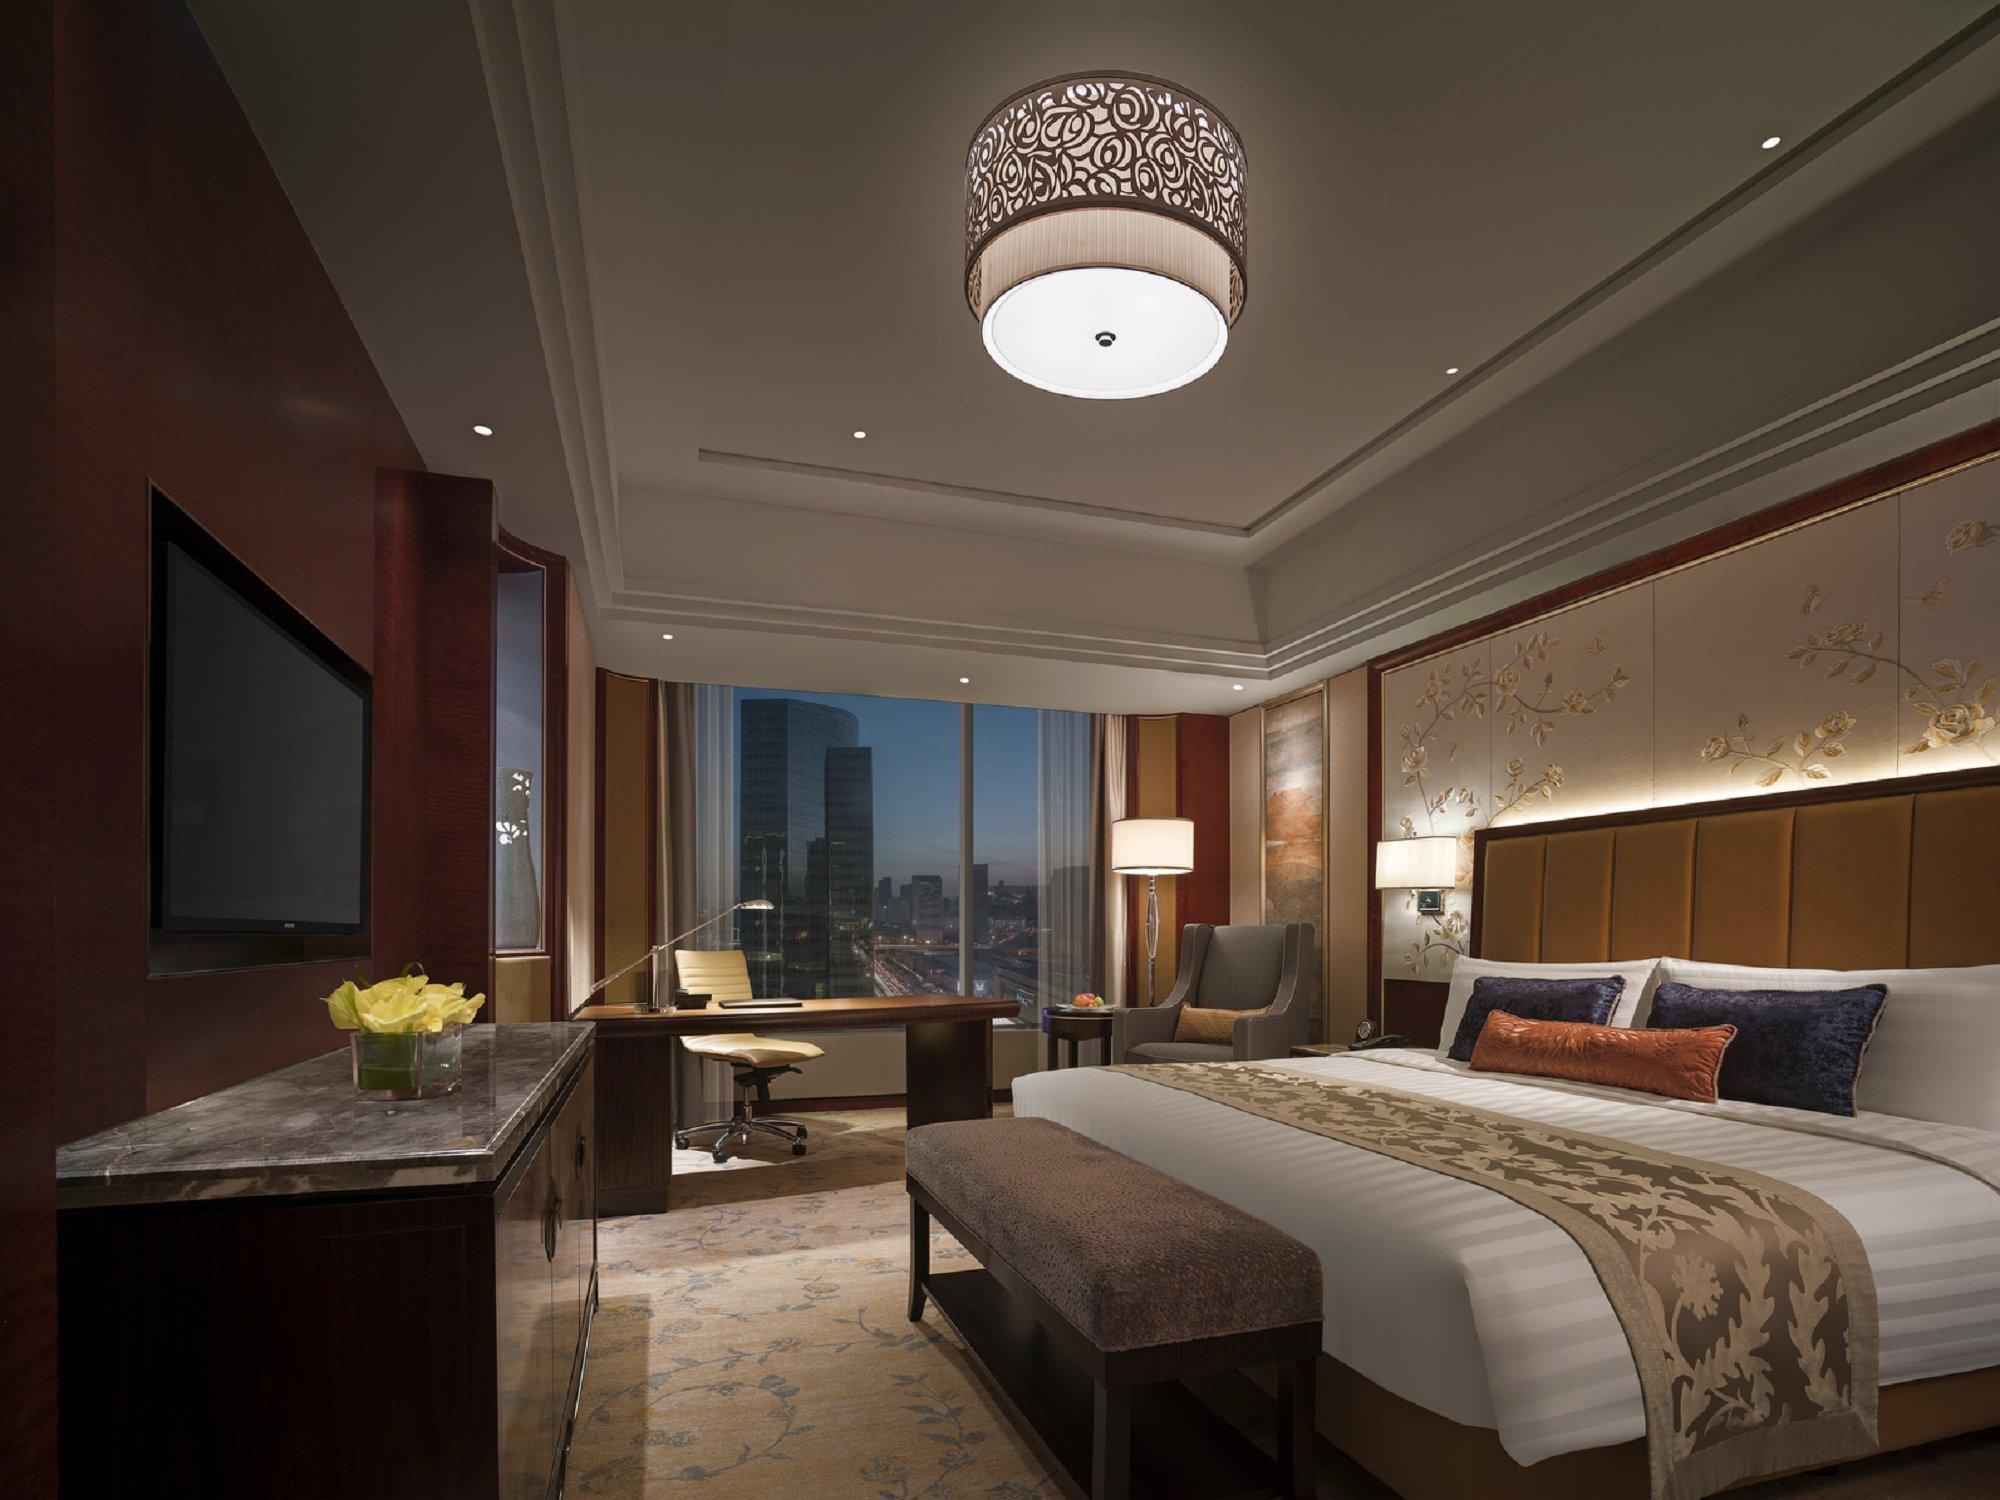 家居 酒店 起居室 设计 装修 2000_1500